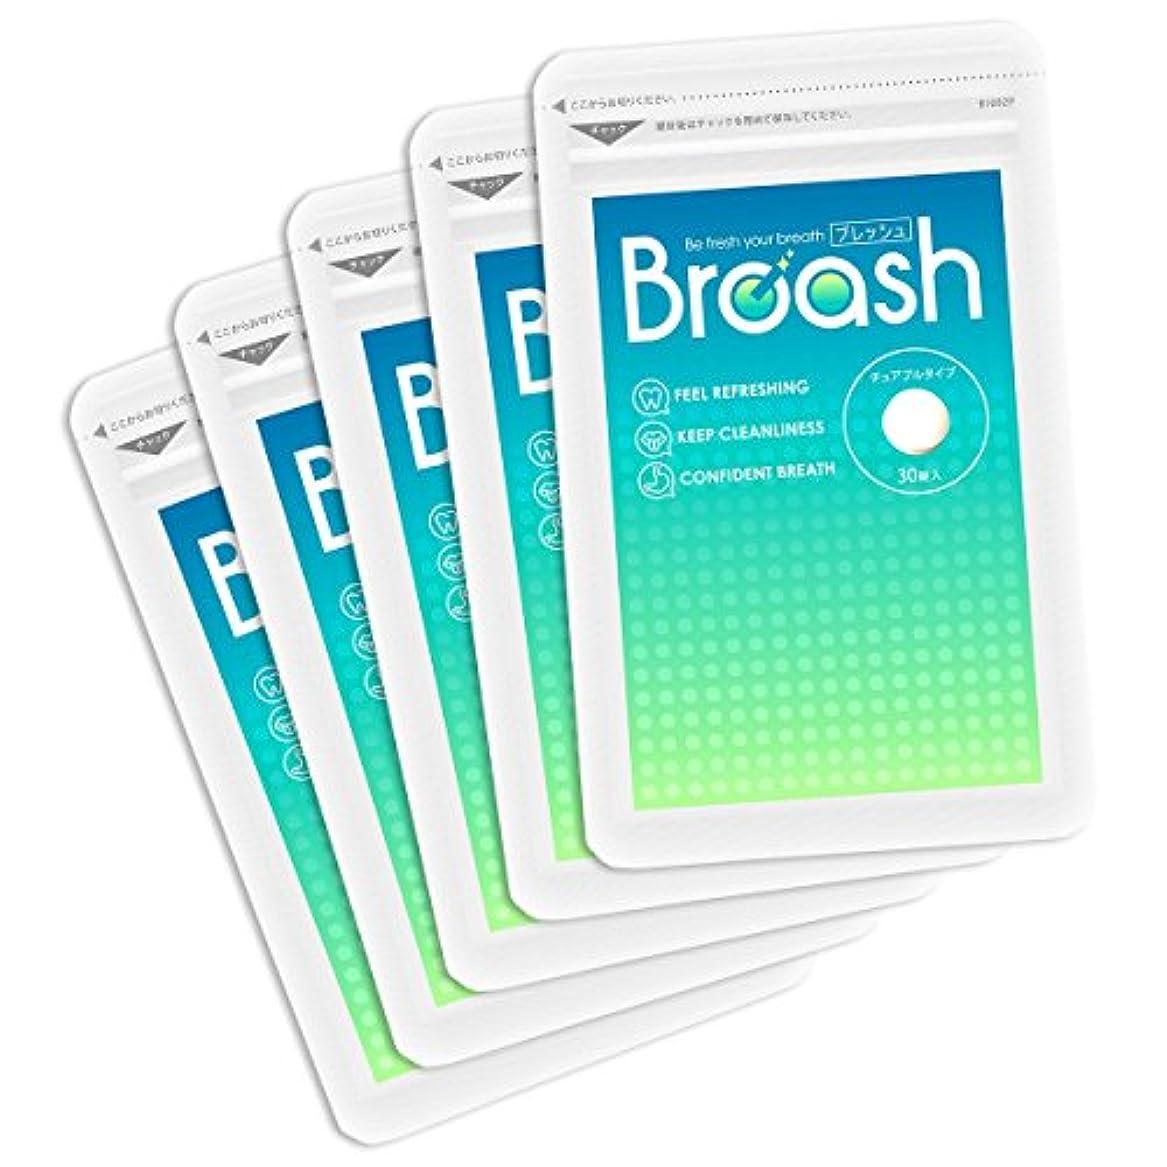 うなり声かすれた謝罪Breash(ブレッシュ) 口臭 サプリ タブレット チュアブルタイプ (30粒入り) 5袋セット